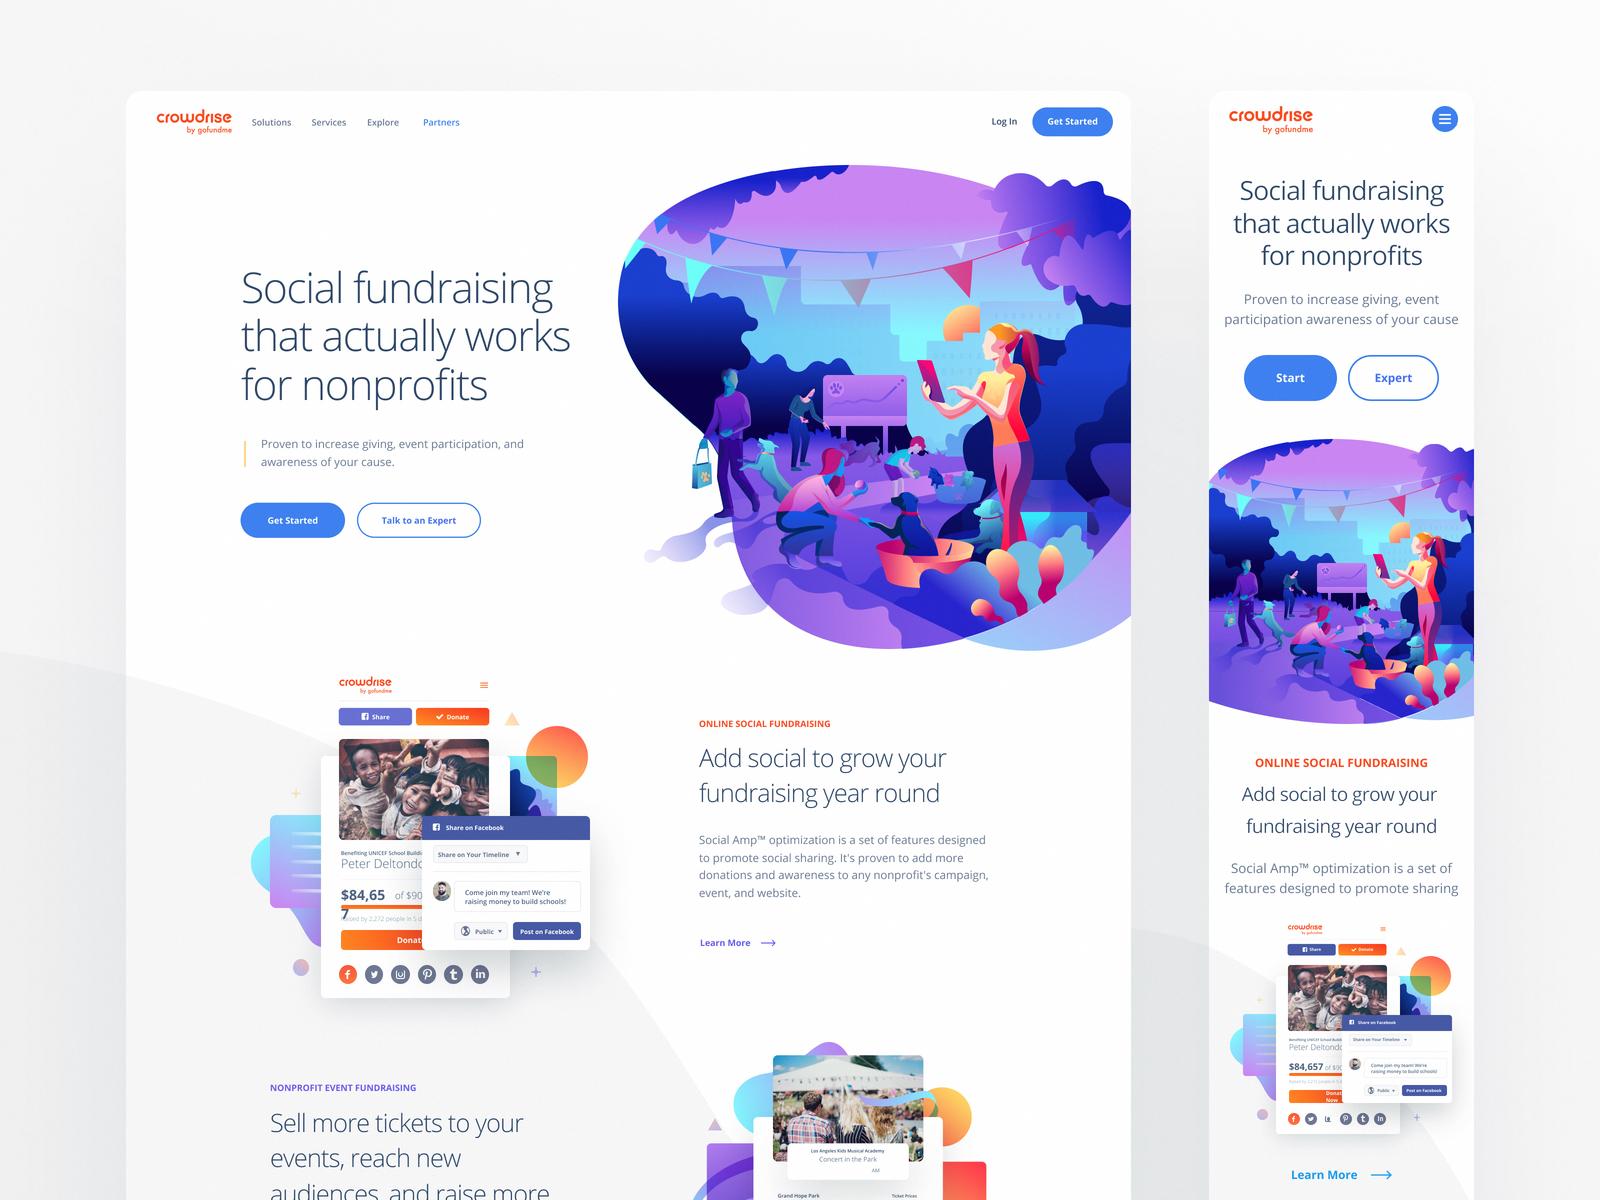 20 web design trends for 2019 | Webflow Blog